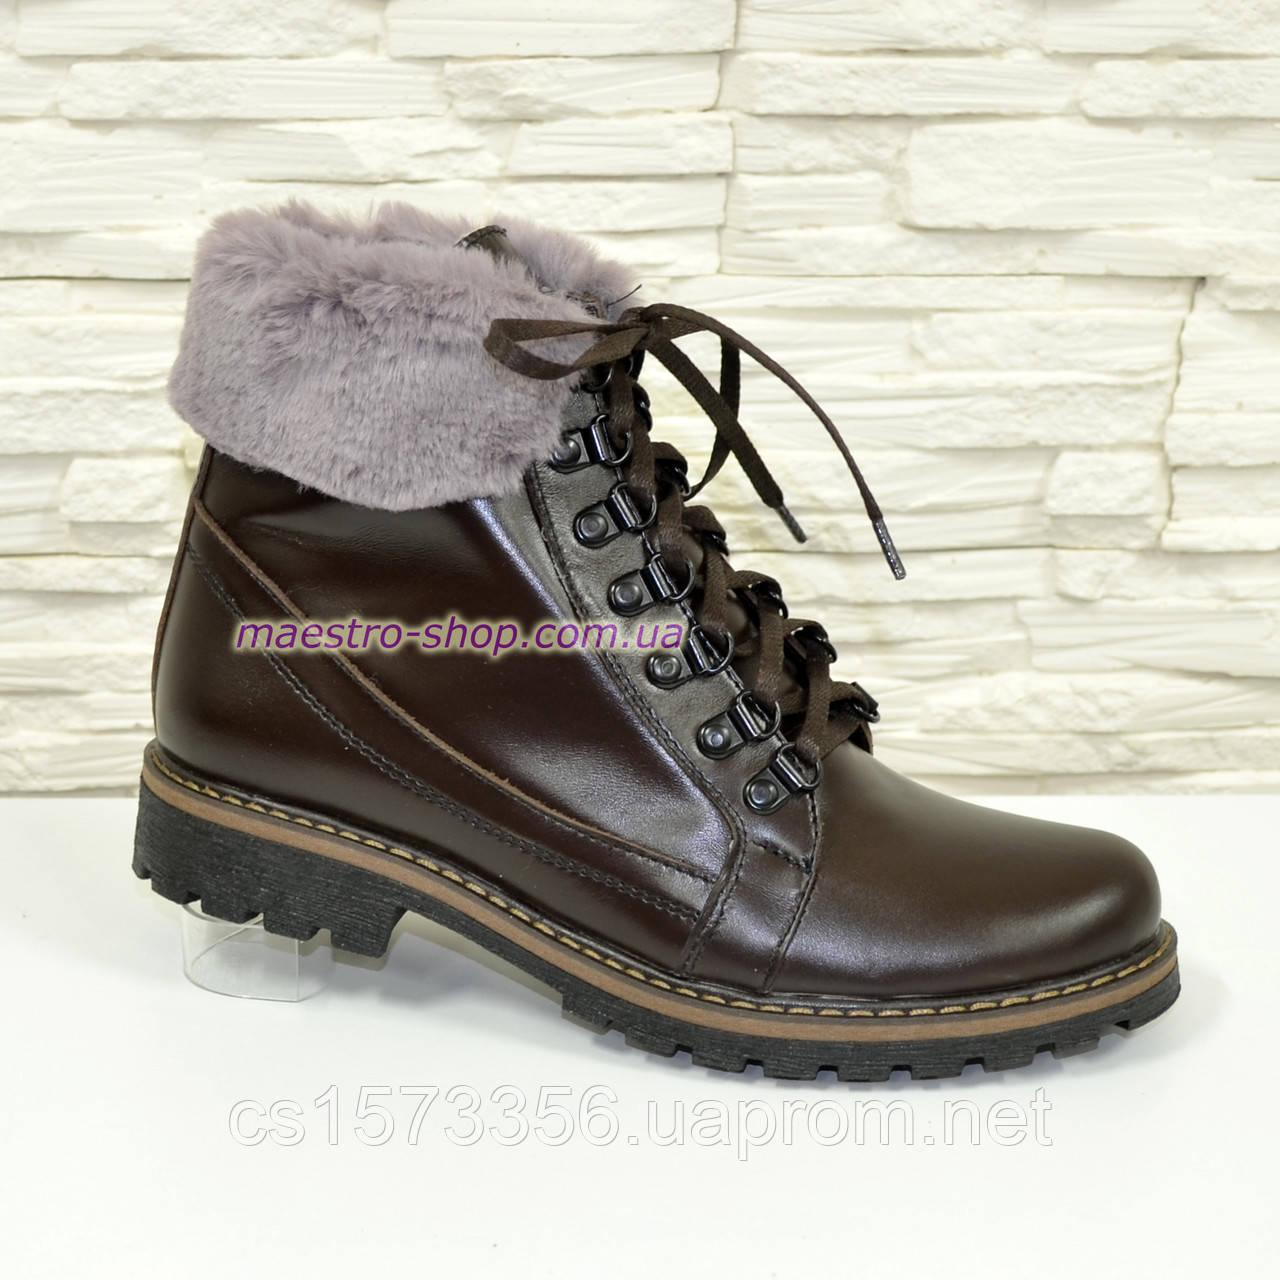 Коричневые кожаные демисезонные ботинки на шнуровке